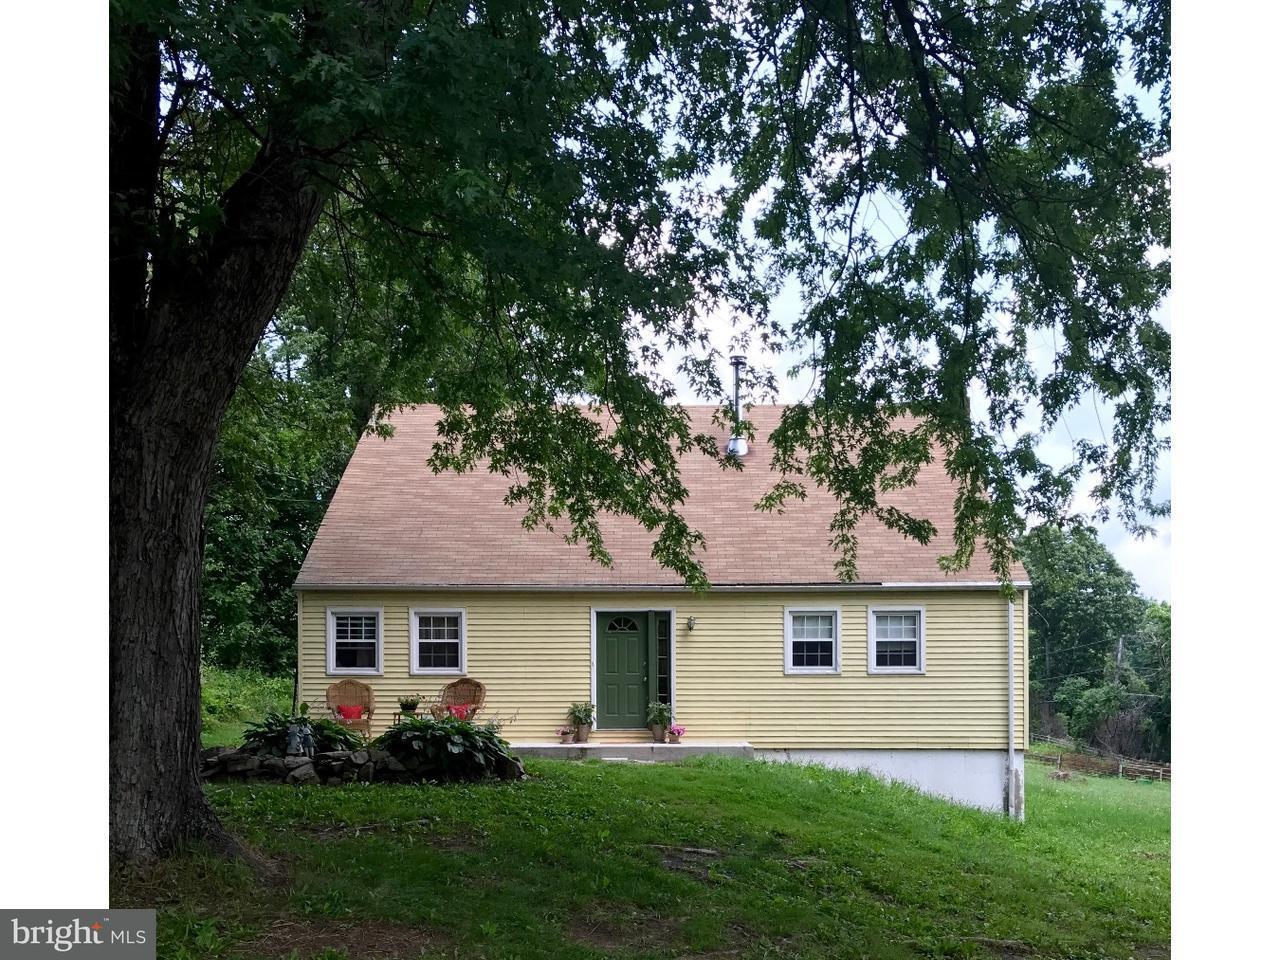 农场 为 销售 在 913 HUFFS CHURCH Road Alburtis, 宾夕法尼亚州 18011 美国